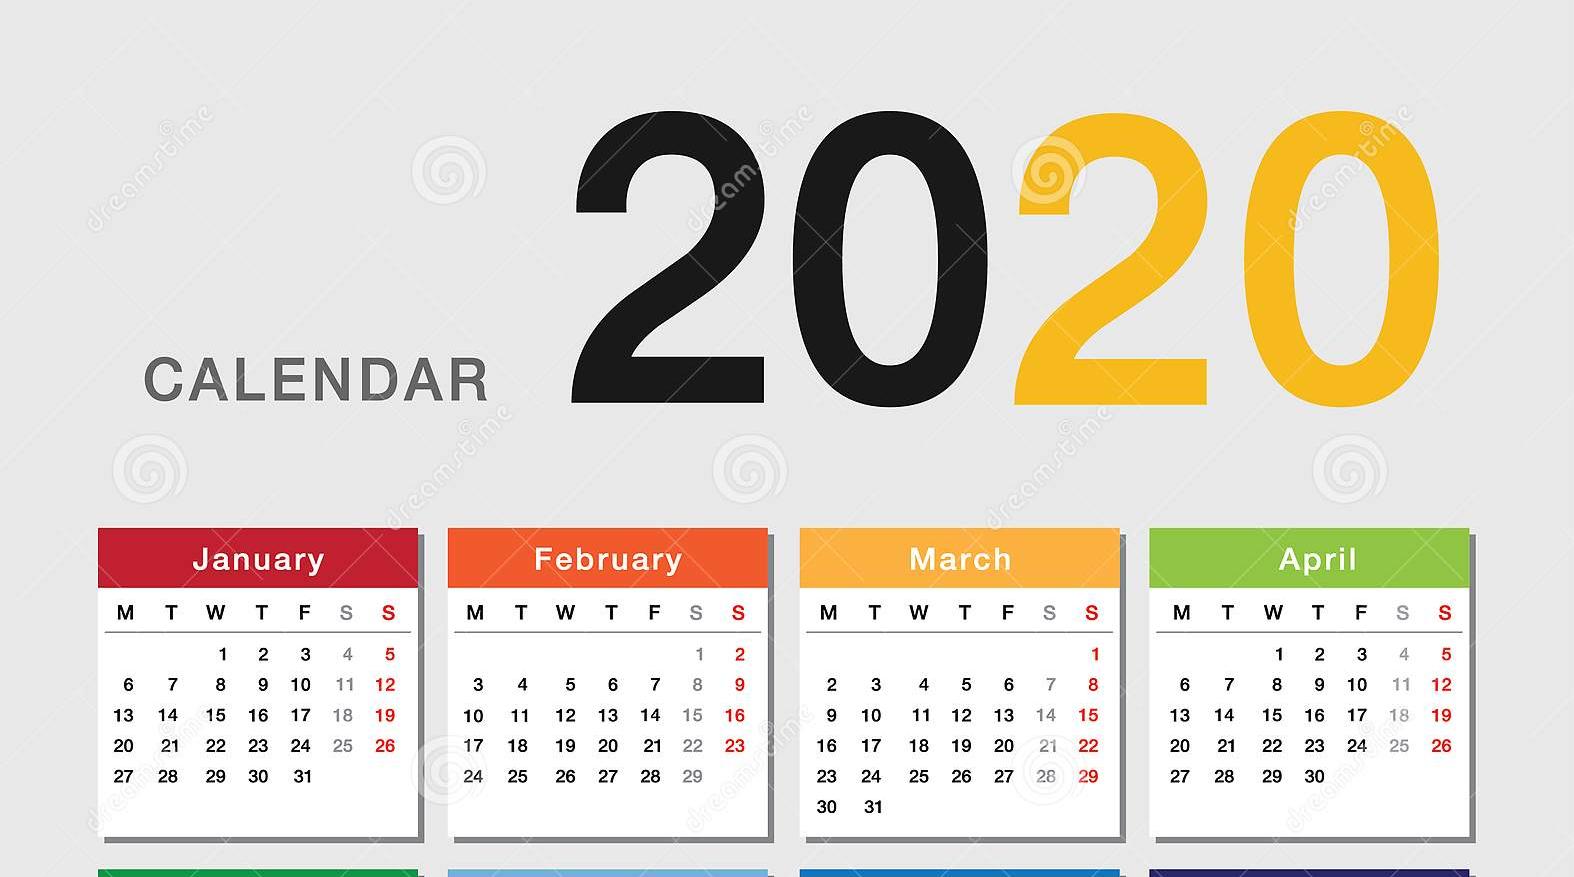 4月8日更新   乐卓博大学2020年全新校历发布,所有网课均受中国教育部认可。